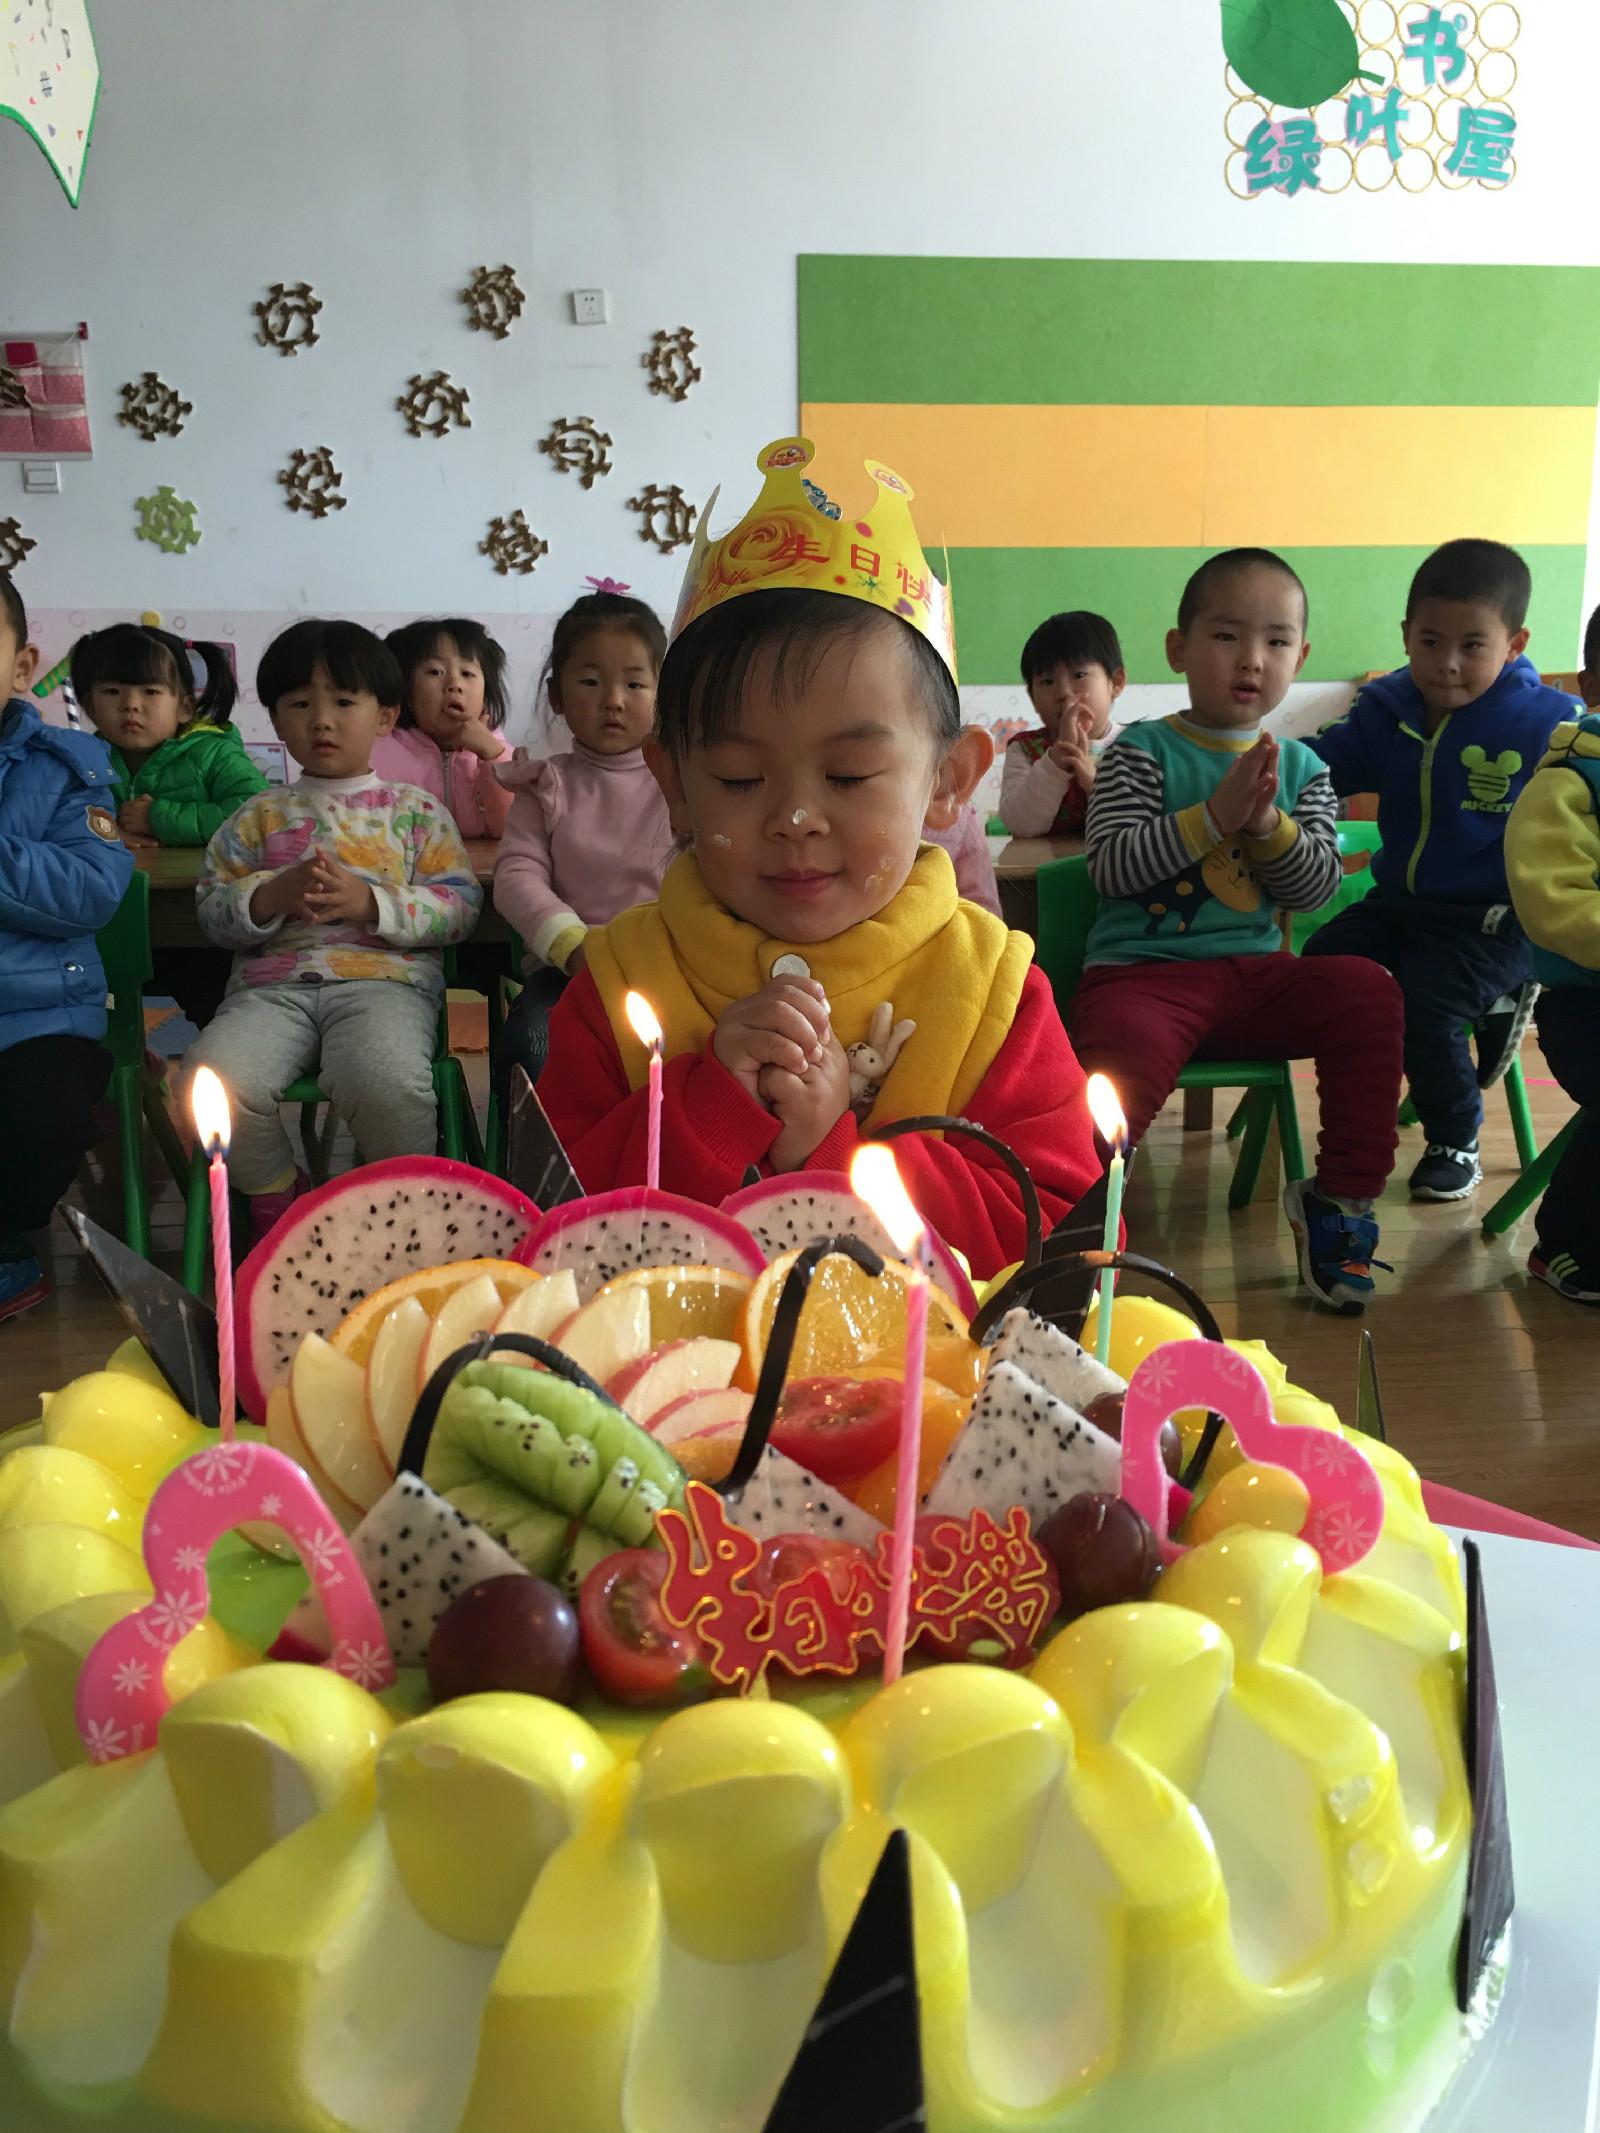 广饶县康居幼儿园|小二班|班级相册